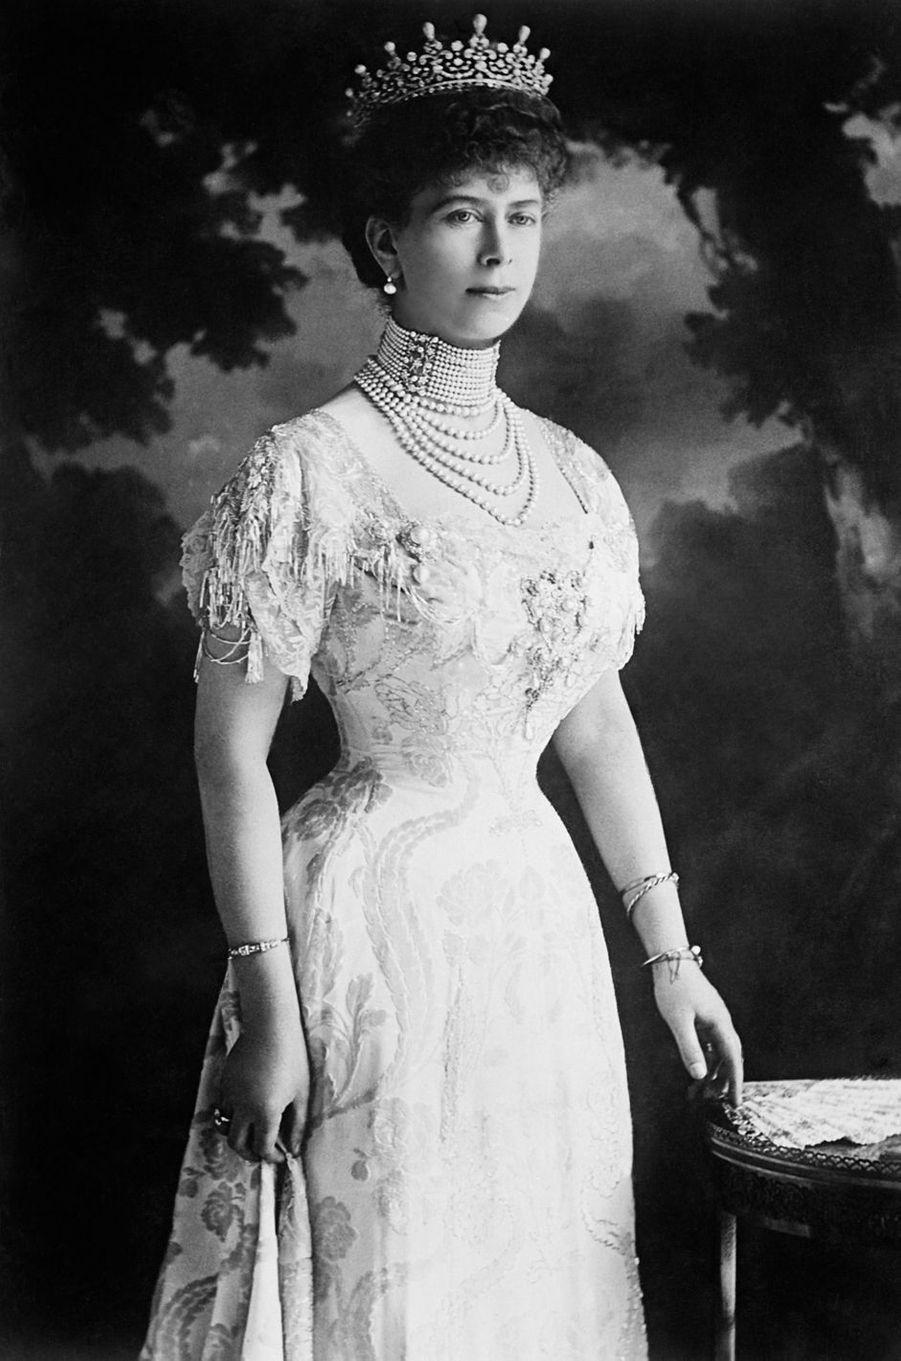 La reine Mary, grand-mère de la reine Elizabeth II, en 1914